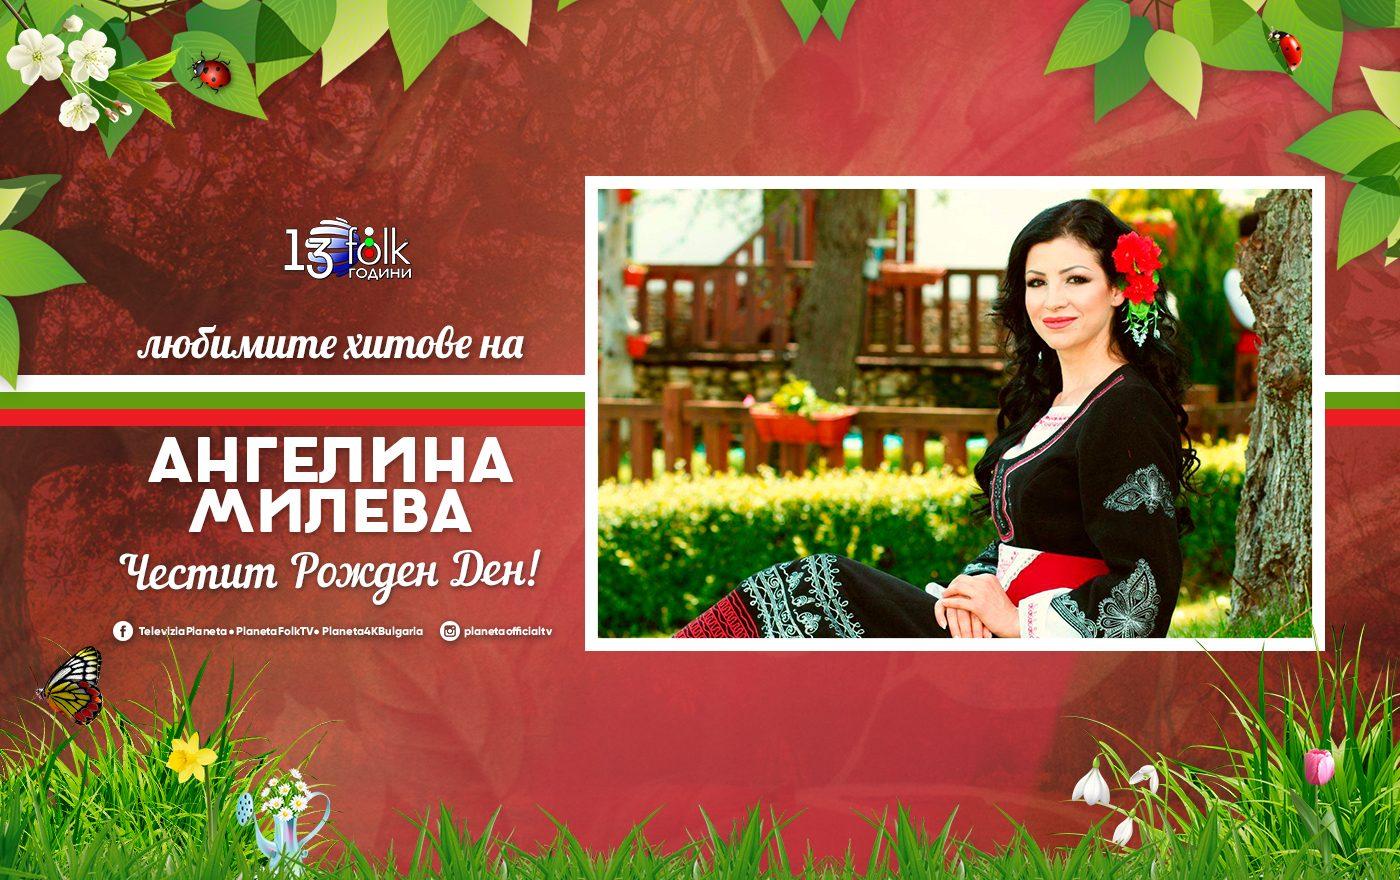 Български фолклор звучи за празника на Ангелина Милева